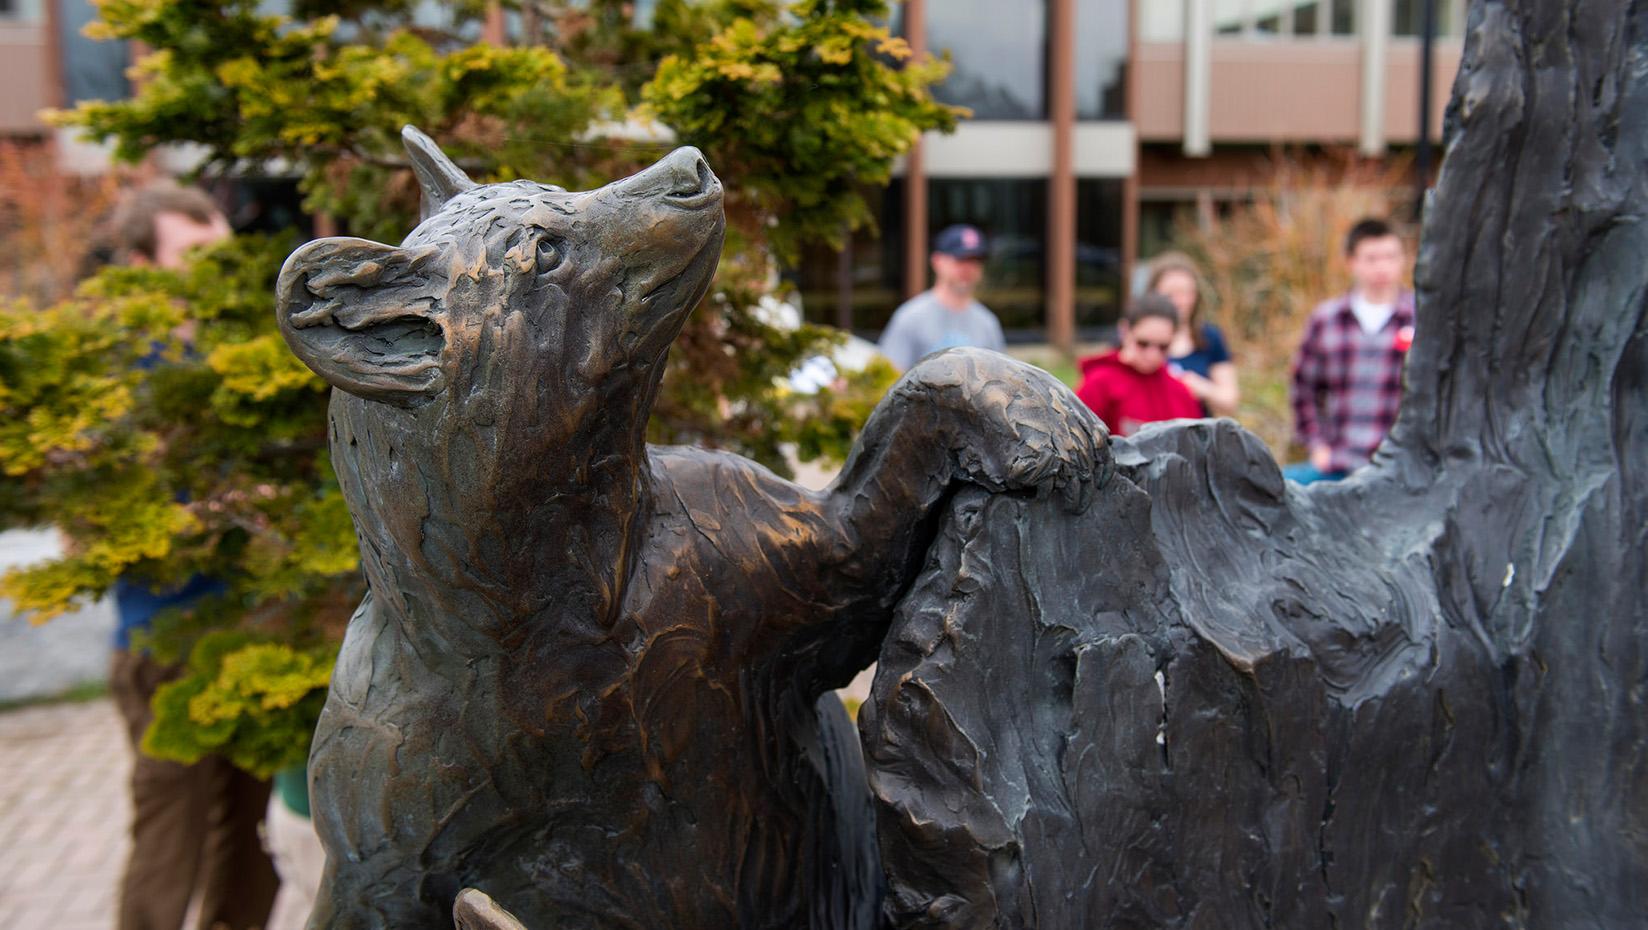 Cub Scouts statue